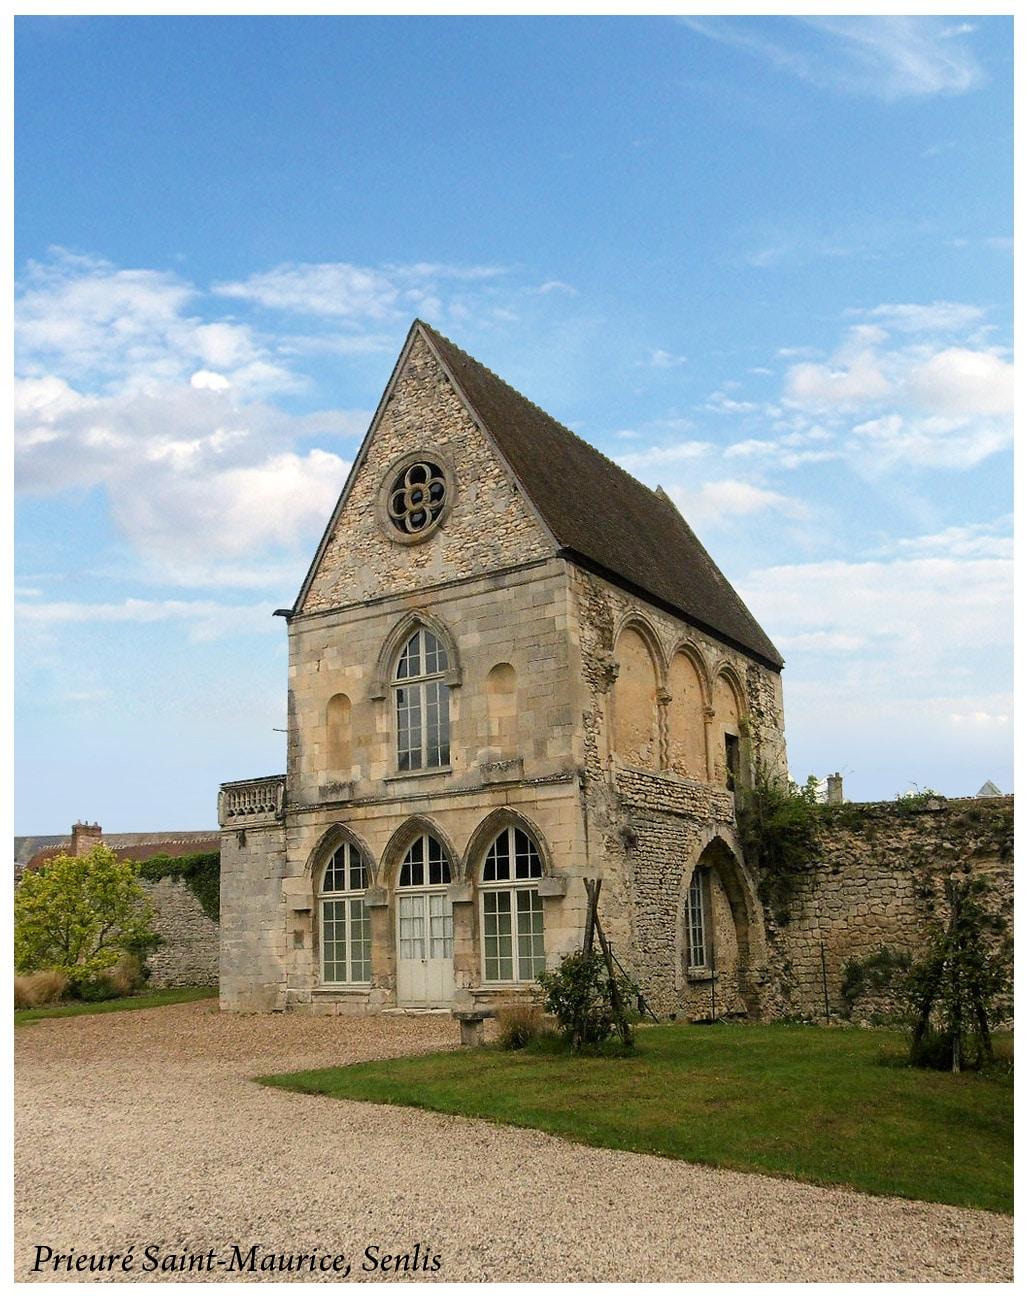 senlis_cite_historique_histoire_medievale_Prieure_saint_maurice